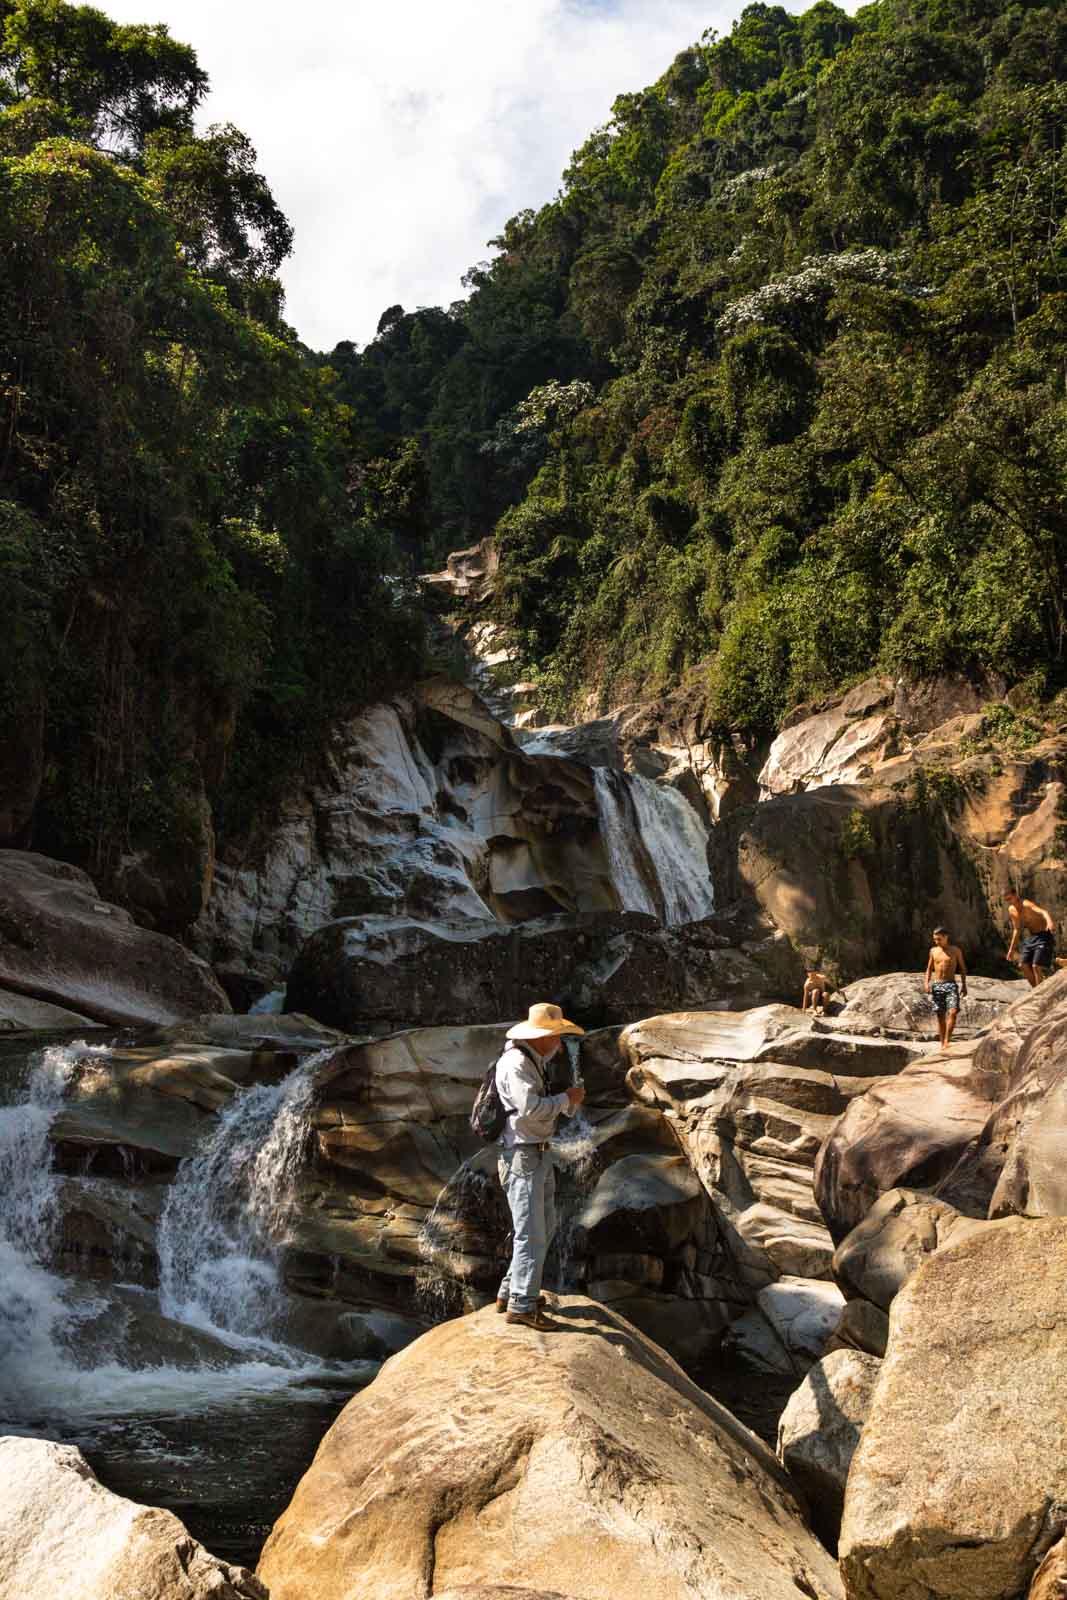 Our Tarapoto Falls guide in Jardin, Colombia.